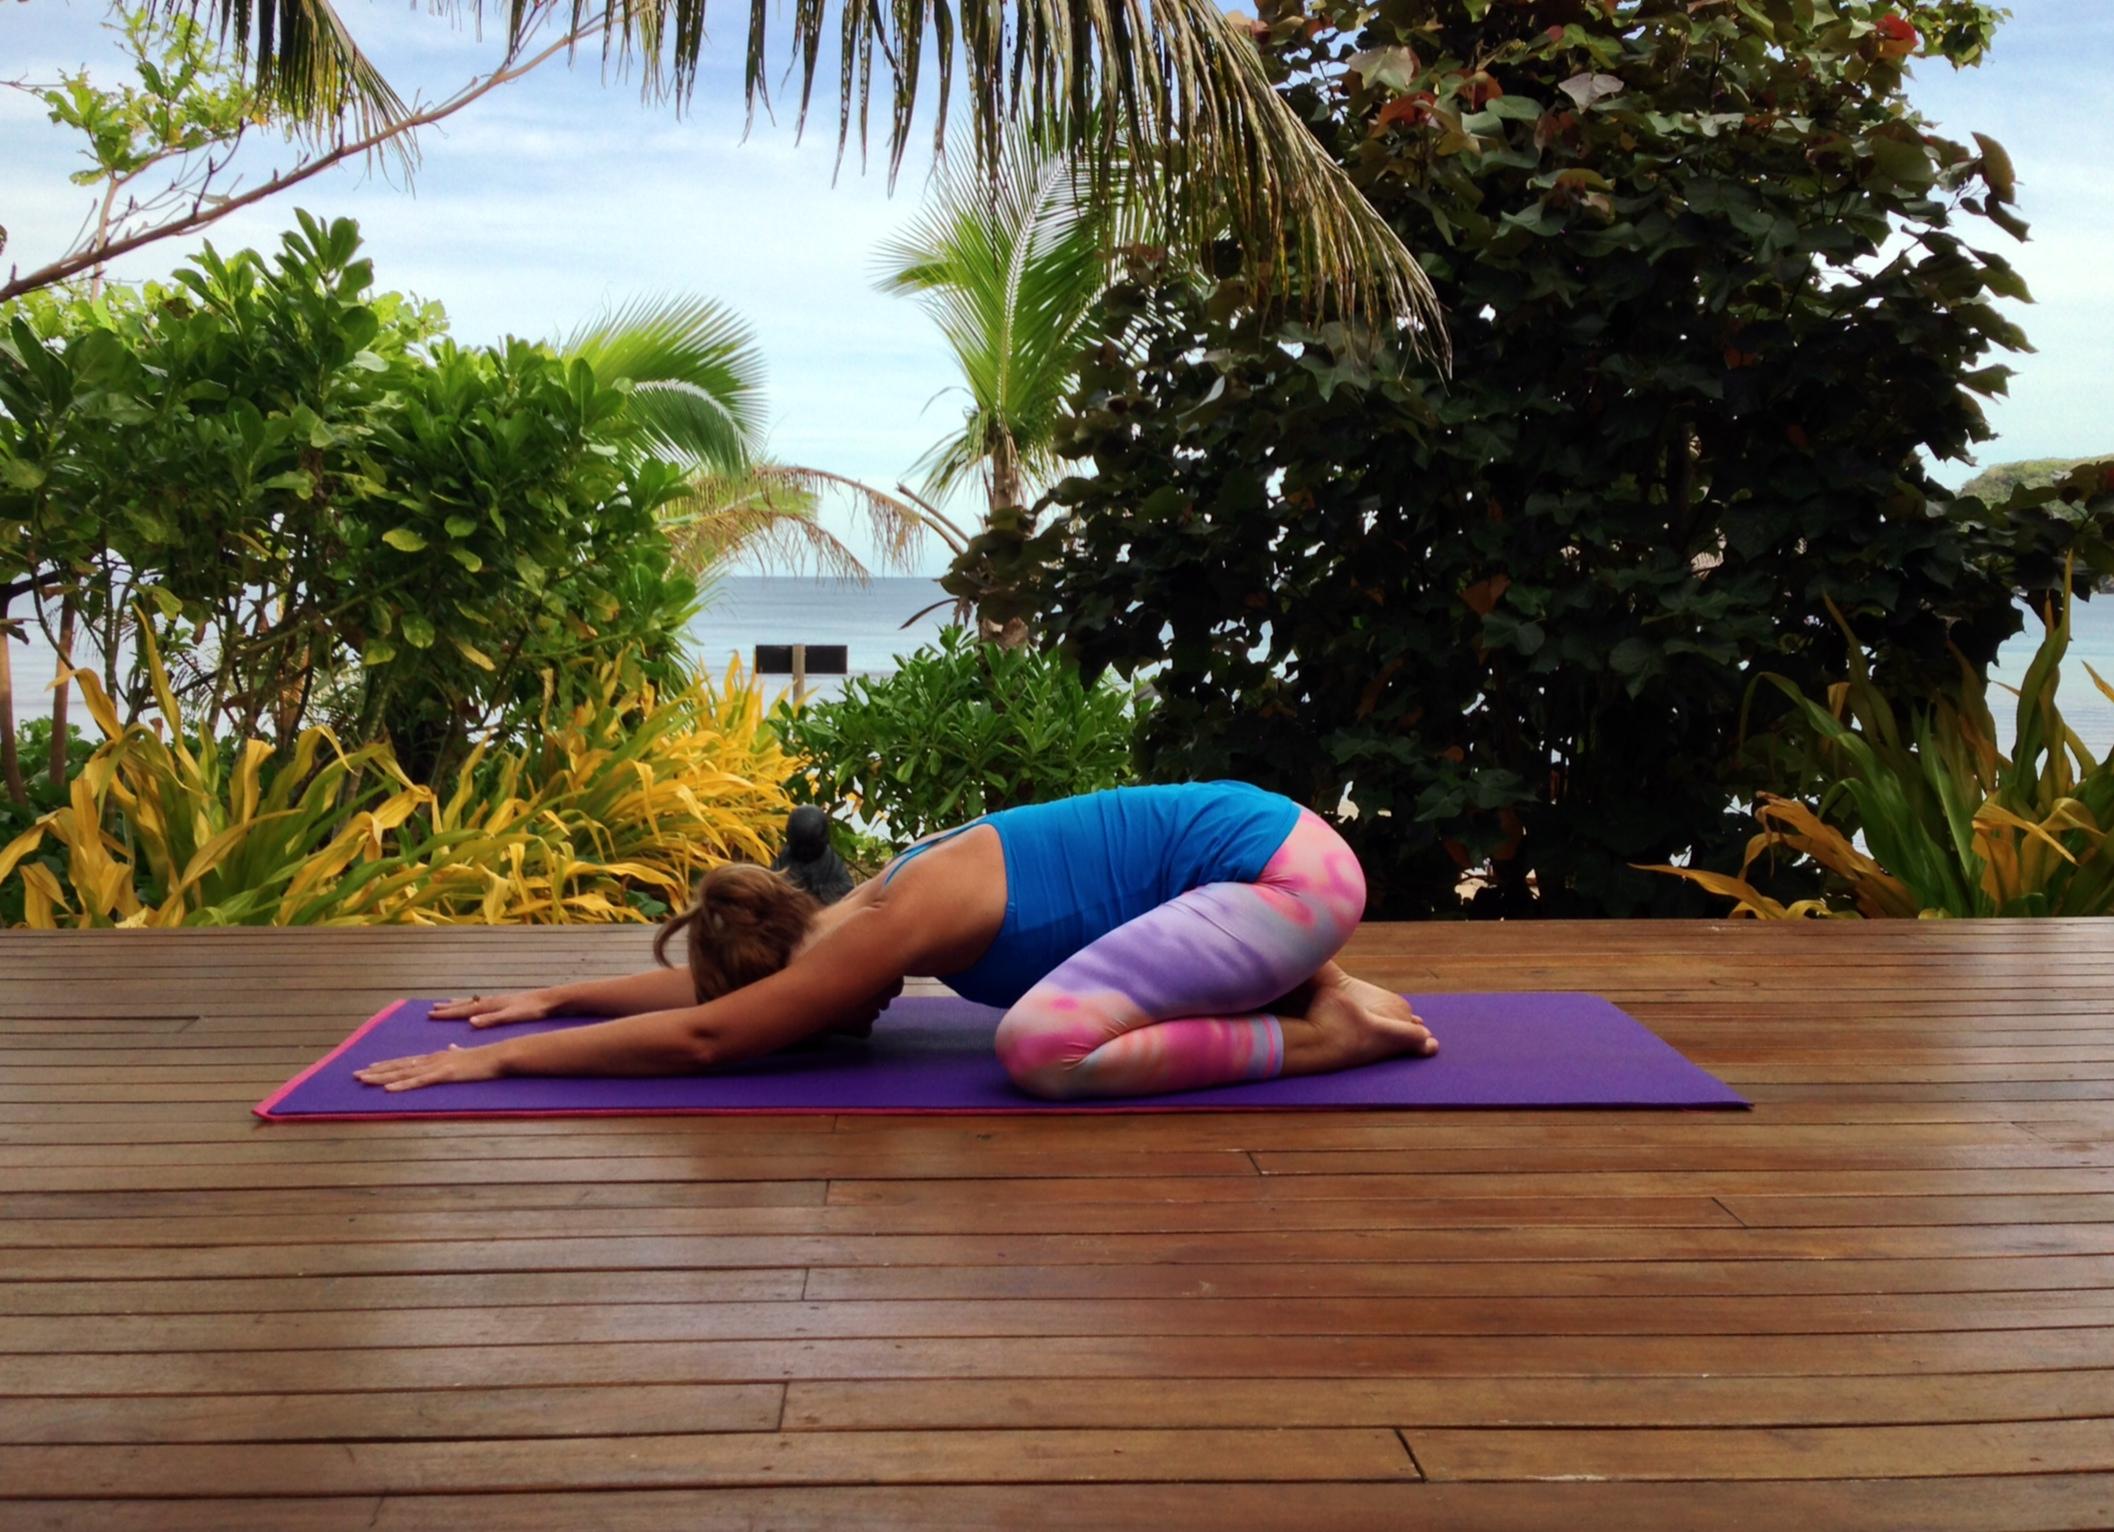 Yoga Retreat in Bali/Gili T with Yoga Corner 2016